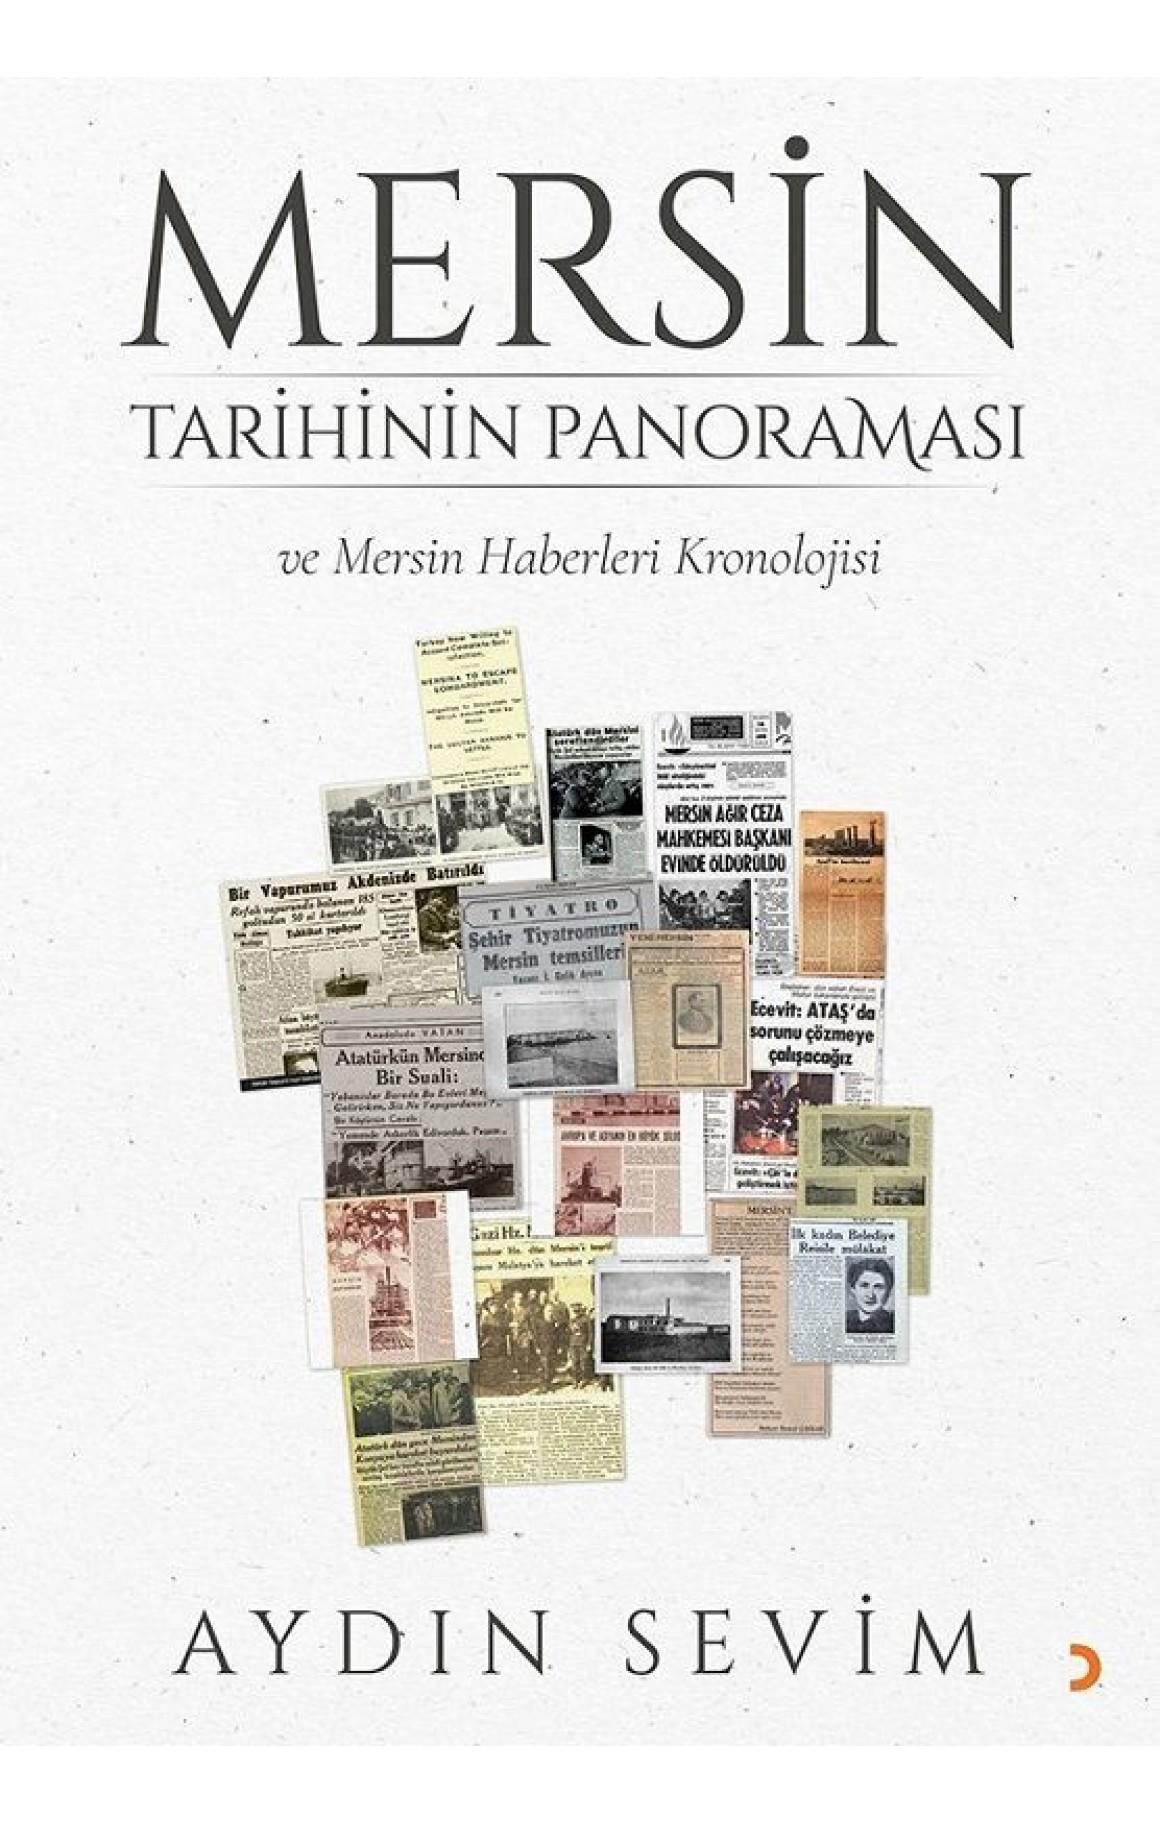 Mersin Tarihinin Panoraması